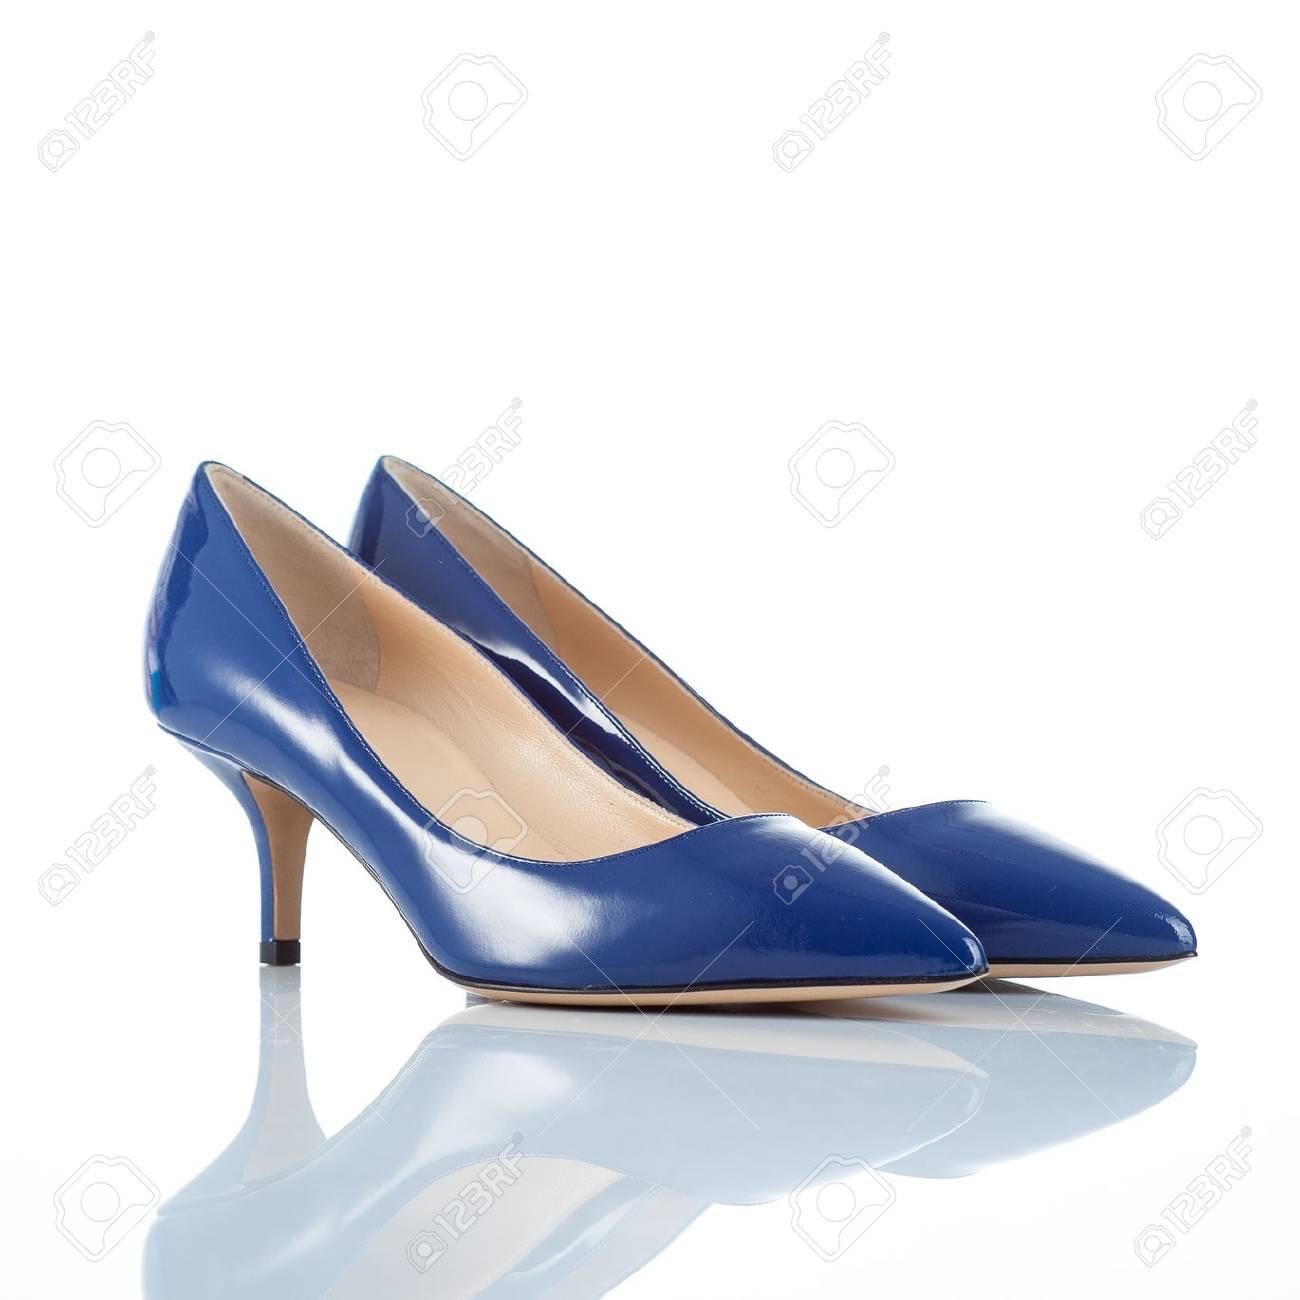 fbe4df27b8 Foto de archivo - Par de zapatos azules de tacón alto de las mujeres de  cuero barnizado. aislado en blanco